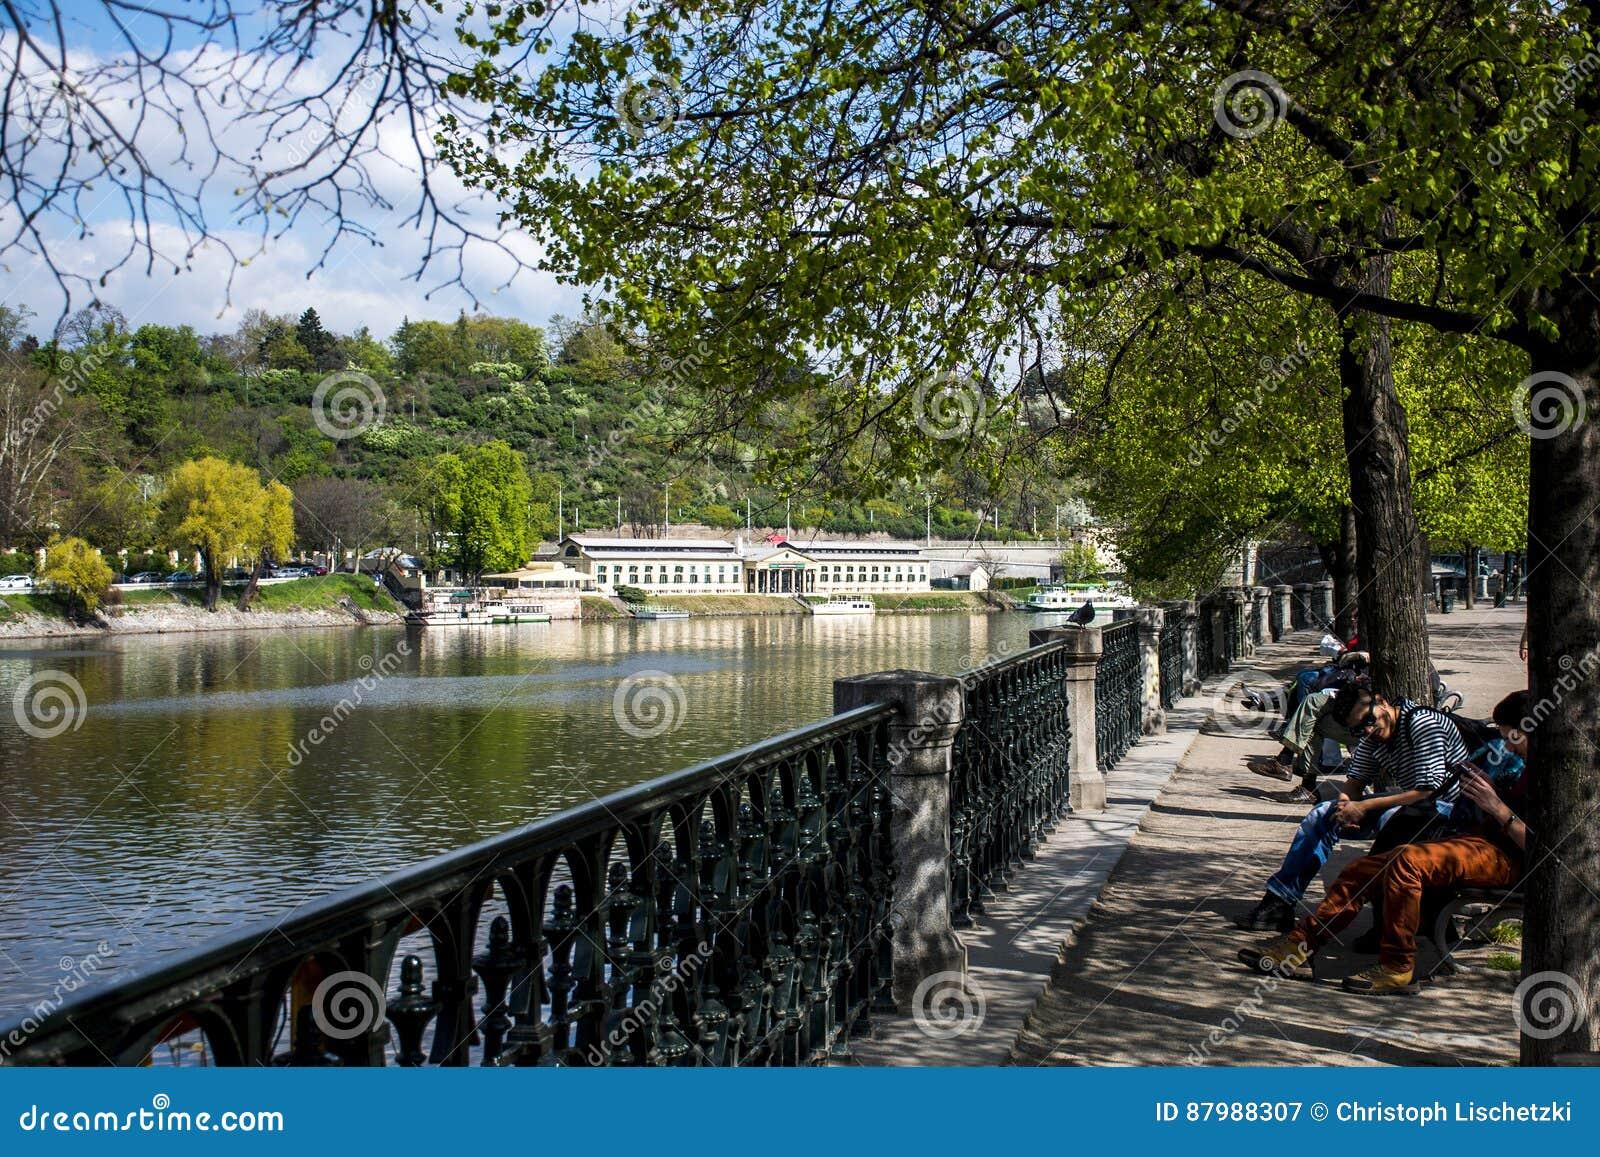 República Checa Praga 11 04 2014: Vista del palacio y del río de Moldava con la gente en una República Checa de Praga del parque